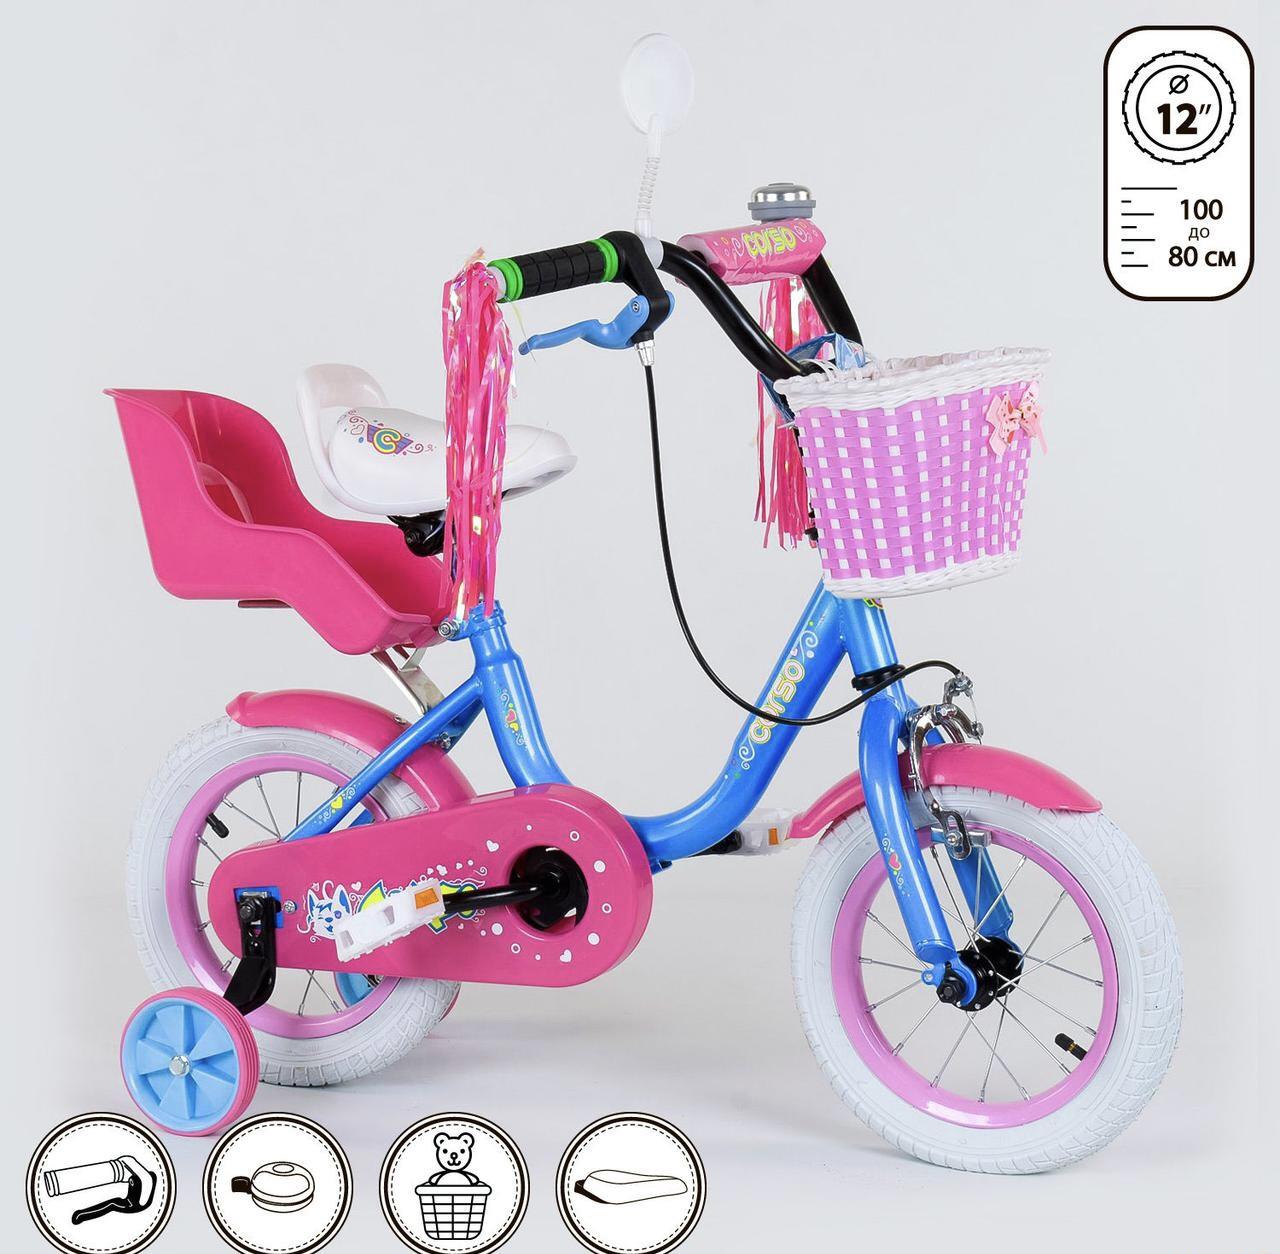 Велосипед 12 дюймов 2х колёсный CORSO 1291 ручной тормоз звоночек сидение с ручкой доп. колеса